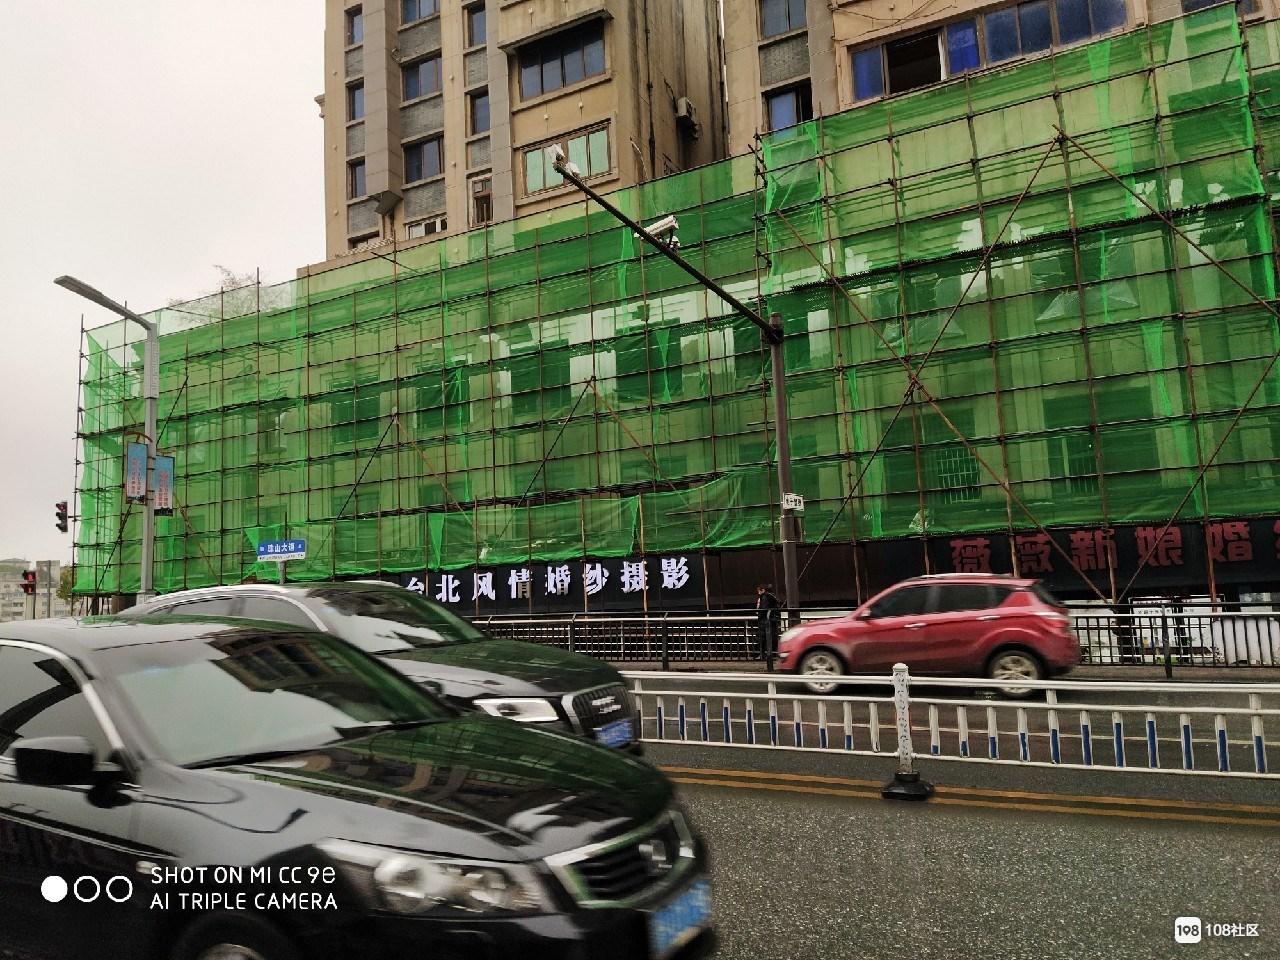 焕然一新!数码广场维修绿网已拆除 外部看不出大火烧伤痕迹